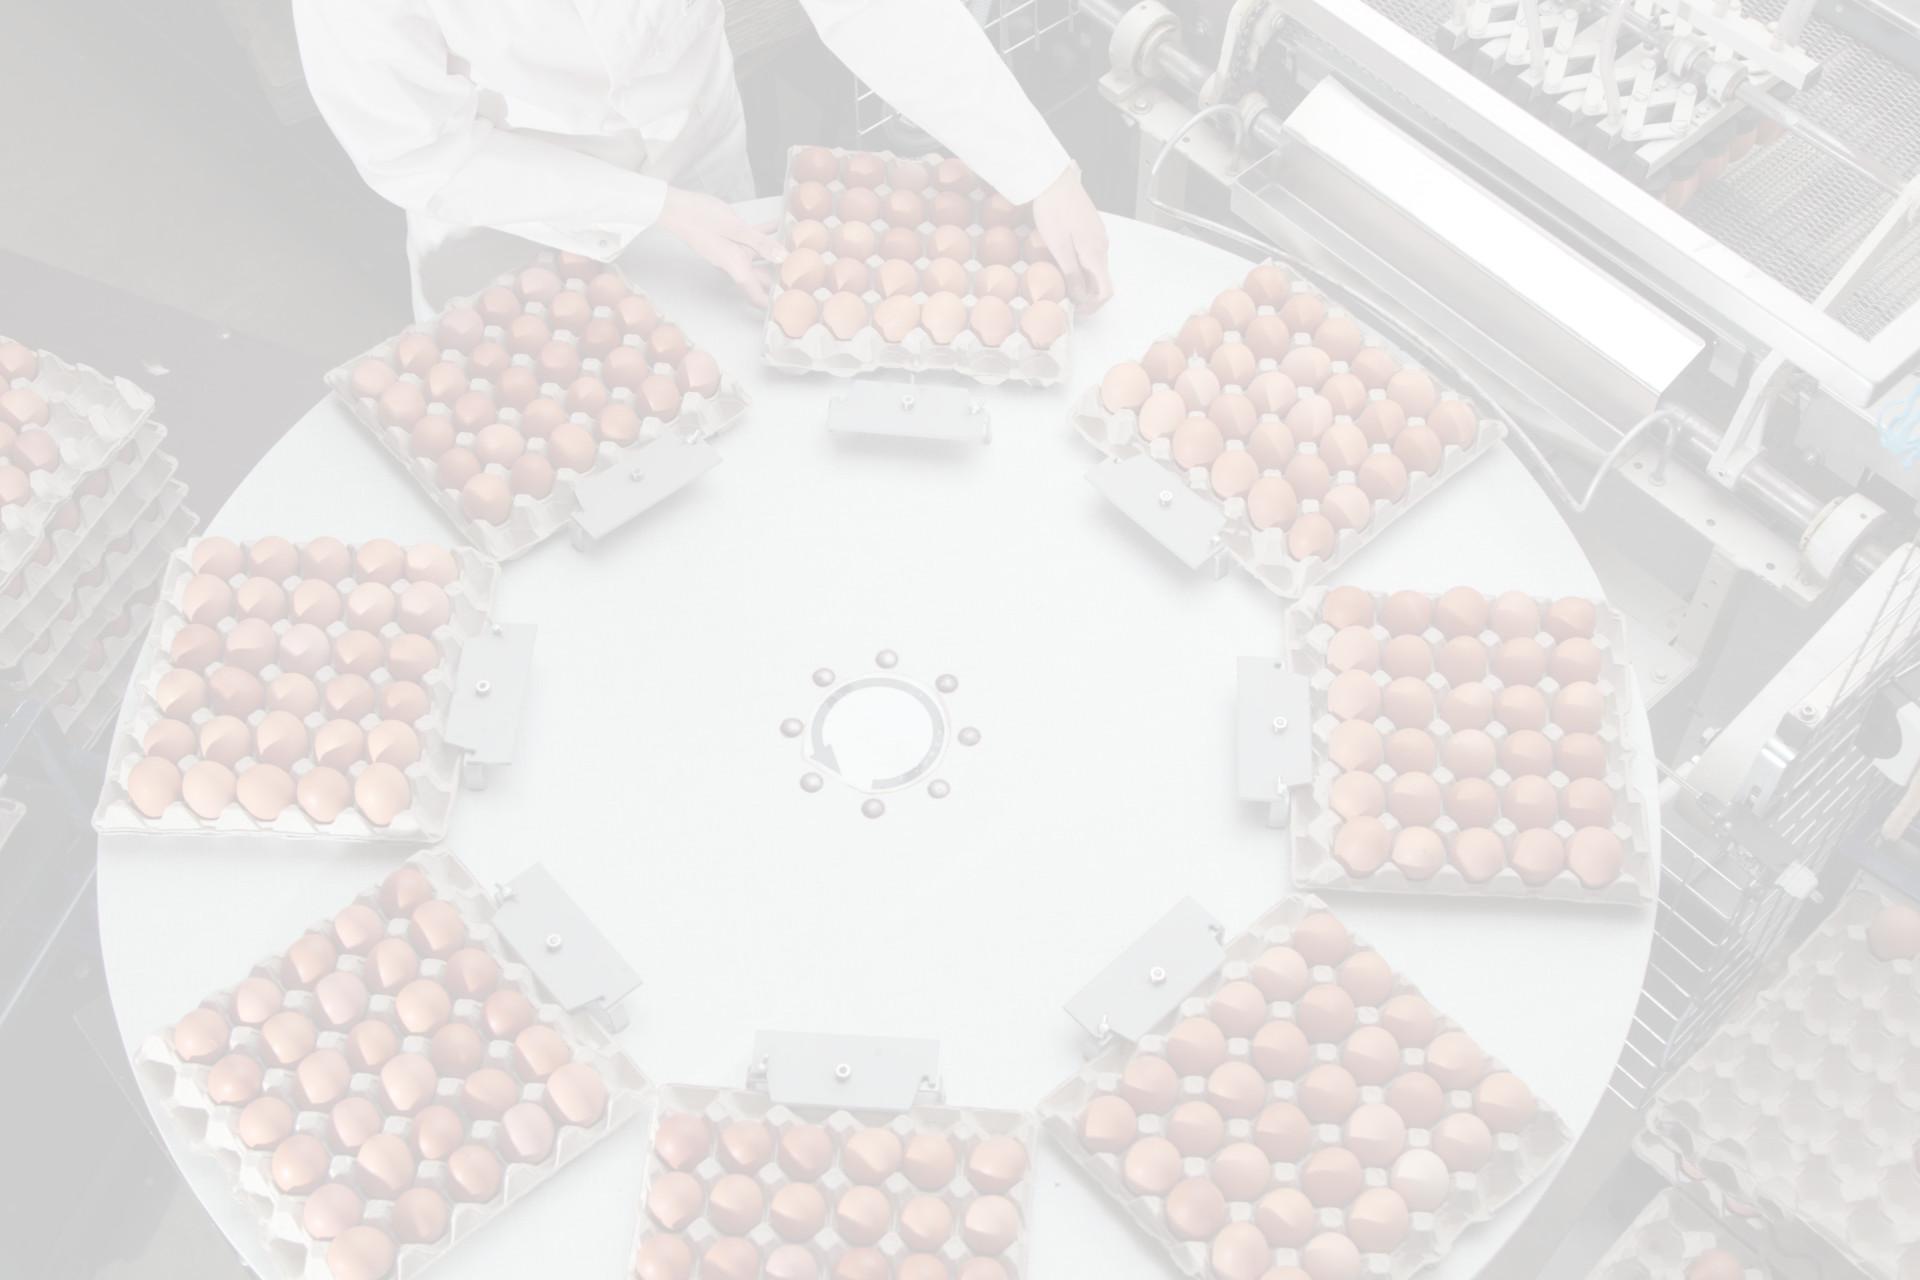 Fotohintergrund: Eiersortierung